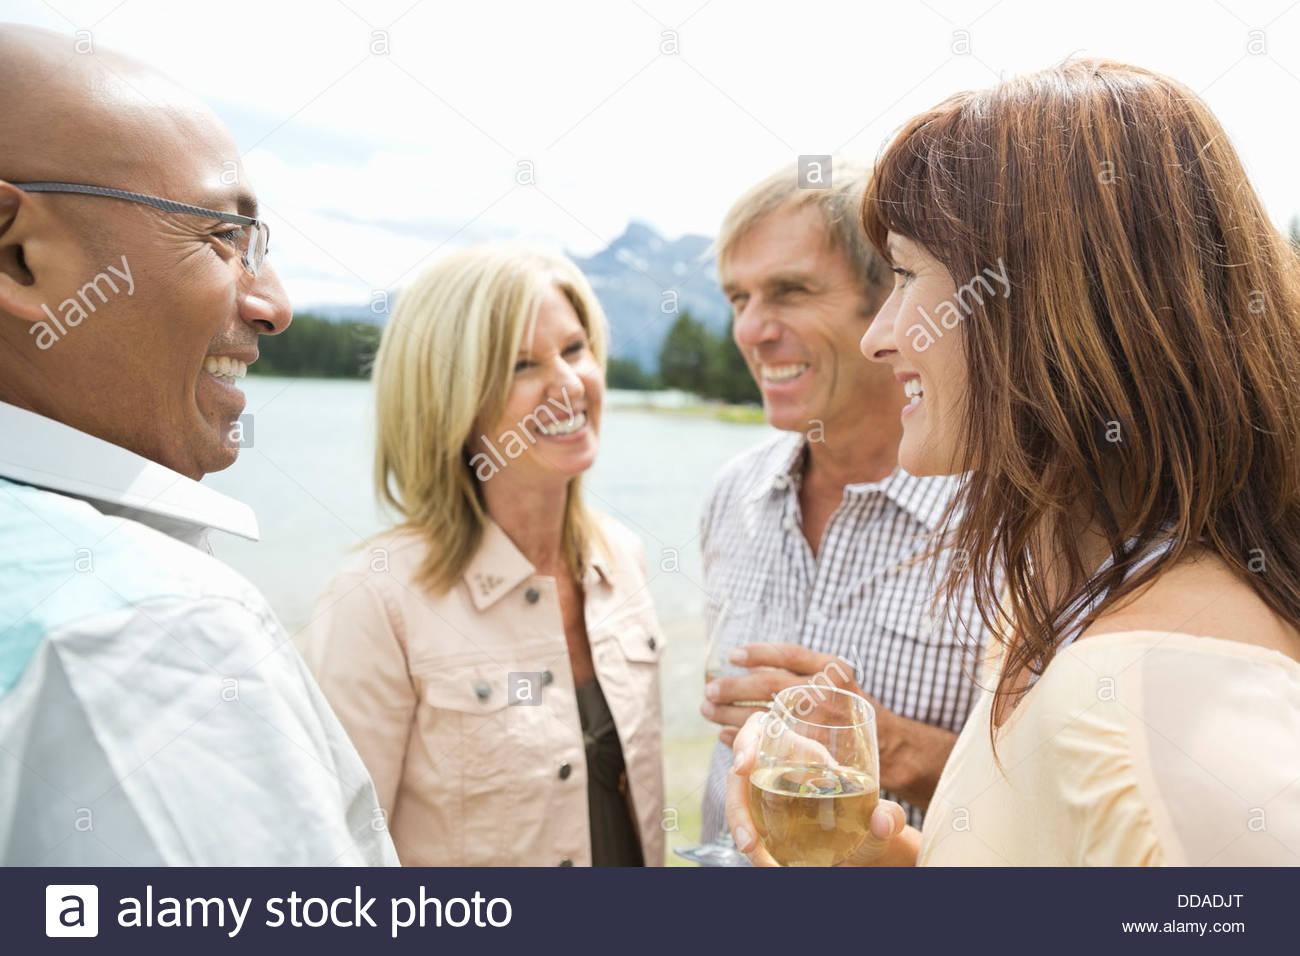 Coppia di amici con bevande socializzazione all'aperto Immagini Stock